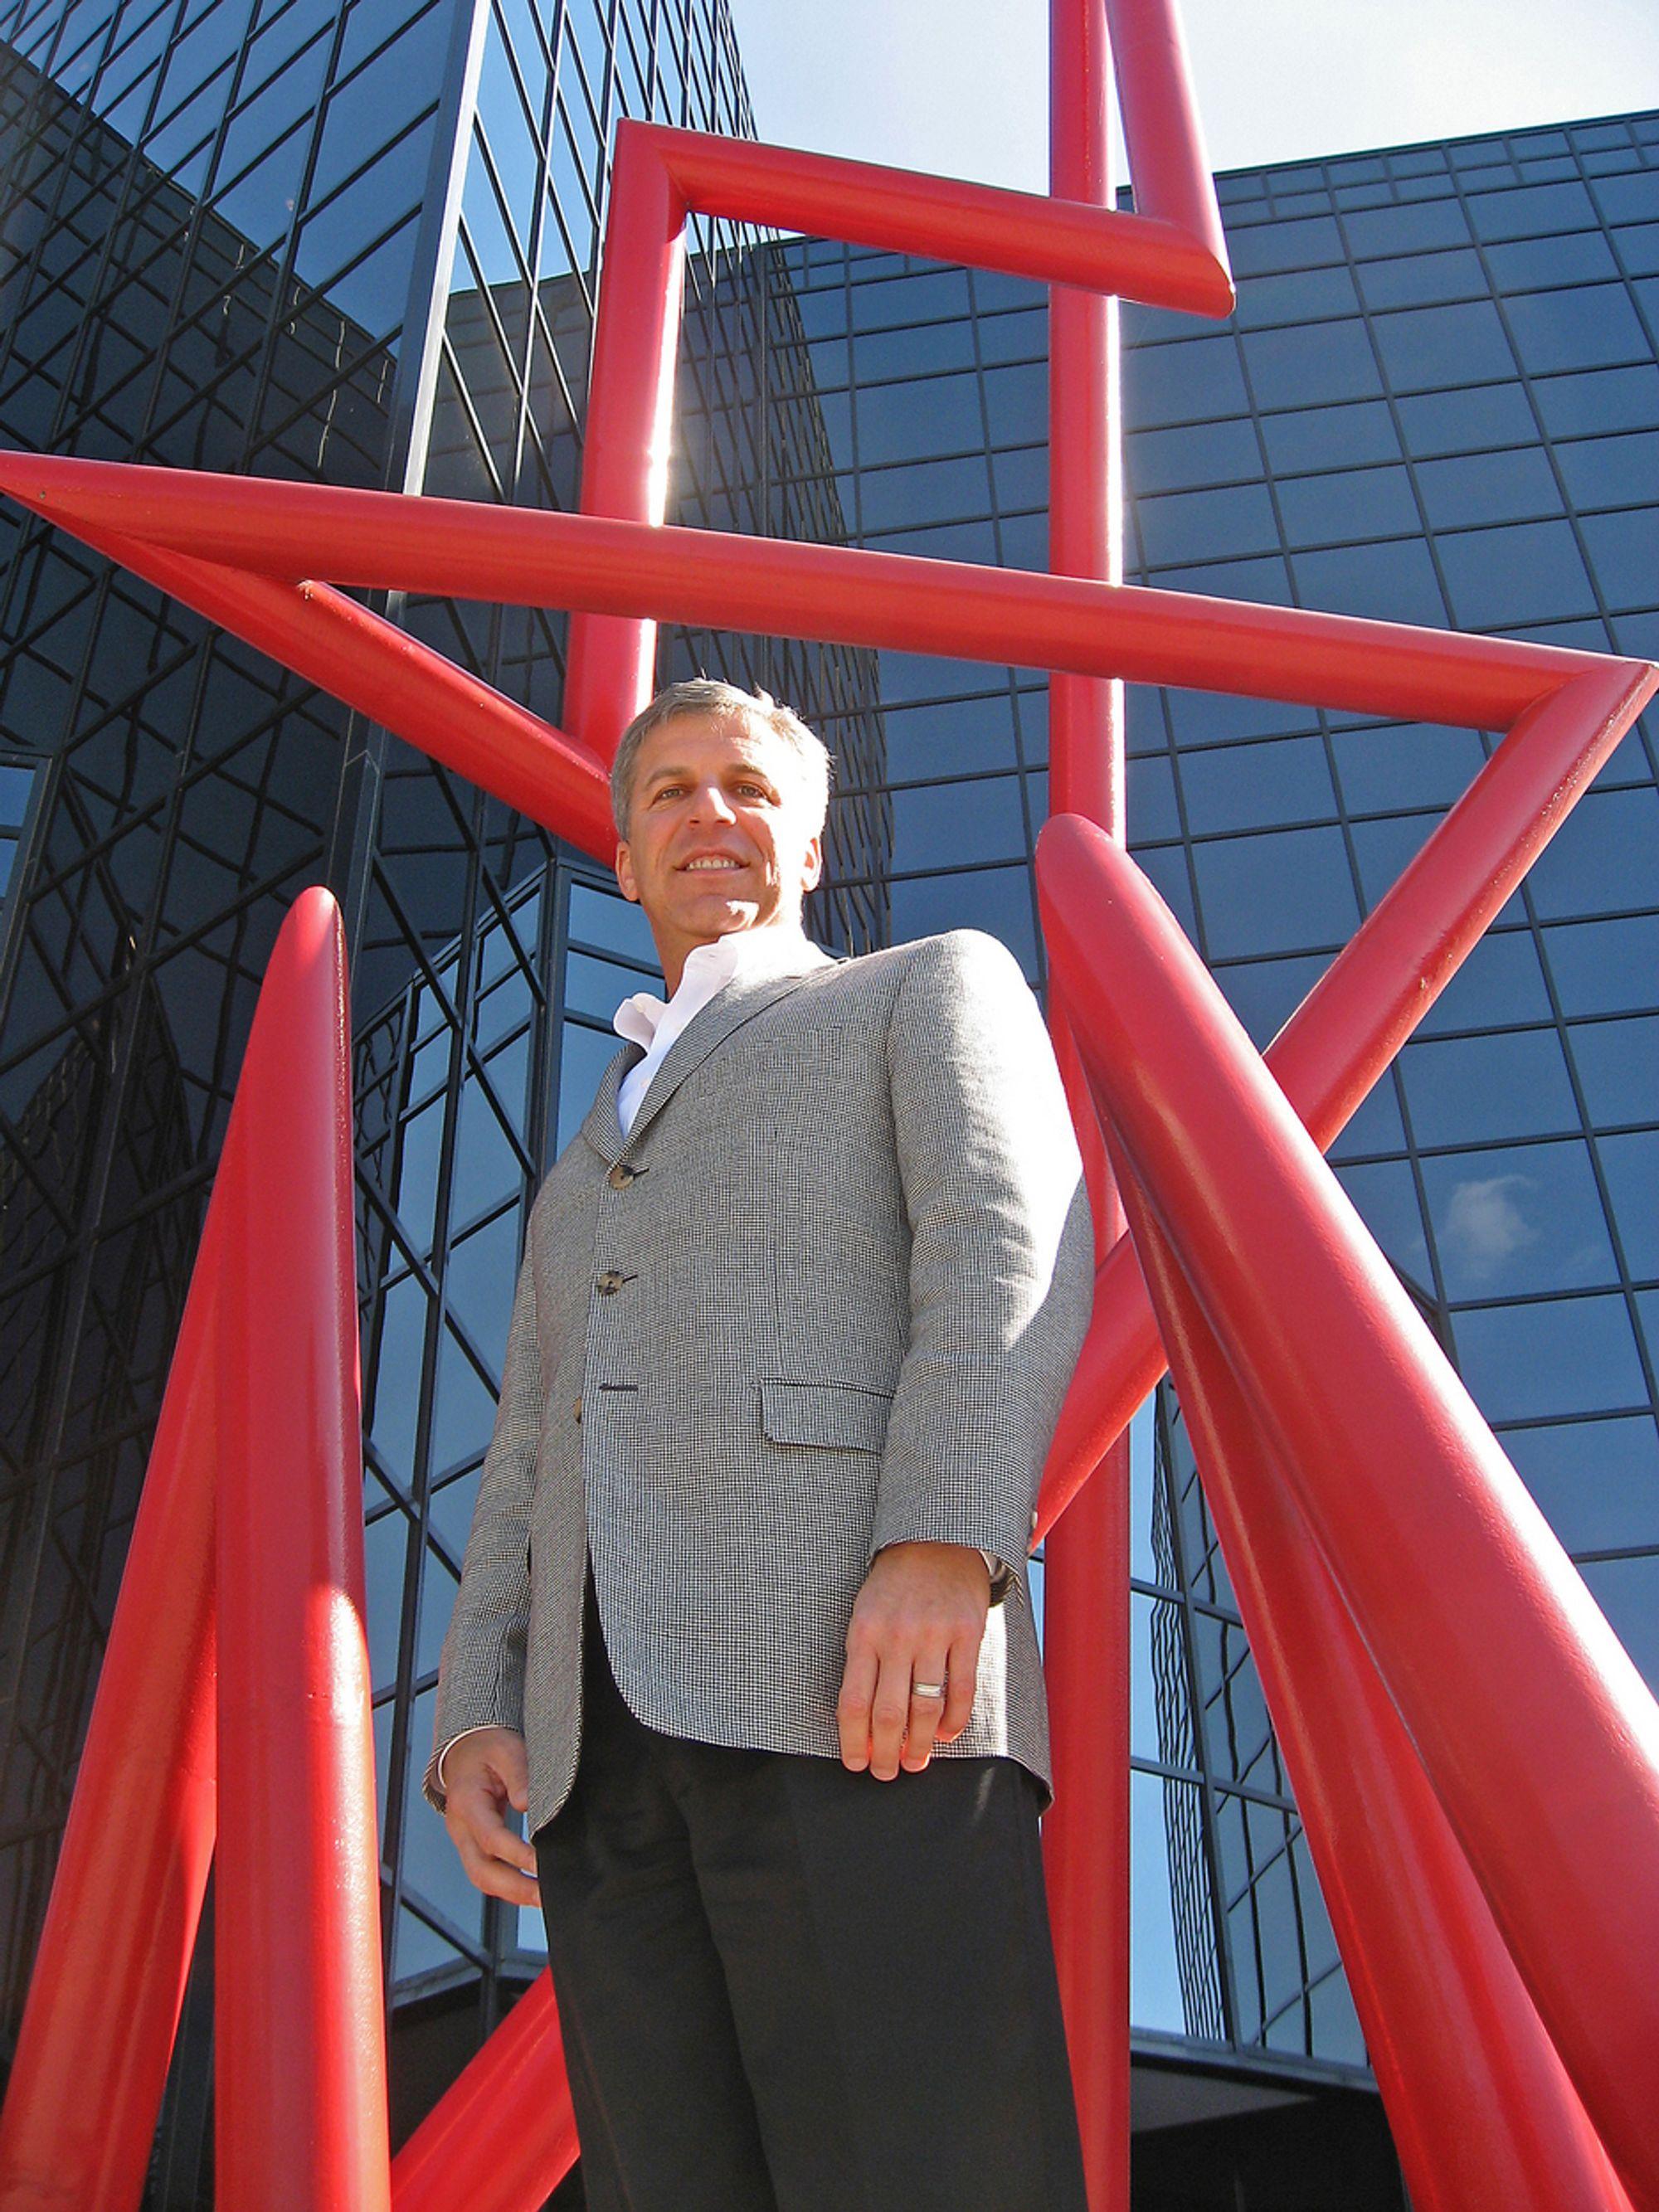 ALLE VIL HA ANALYSE:Sjefen for markedsføring Jim Davis i SAS Institute tror de sitter på den gylne gren i markedet.